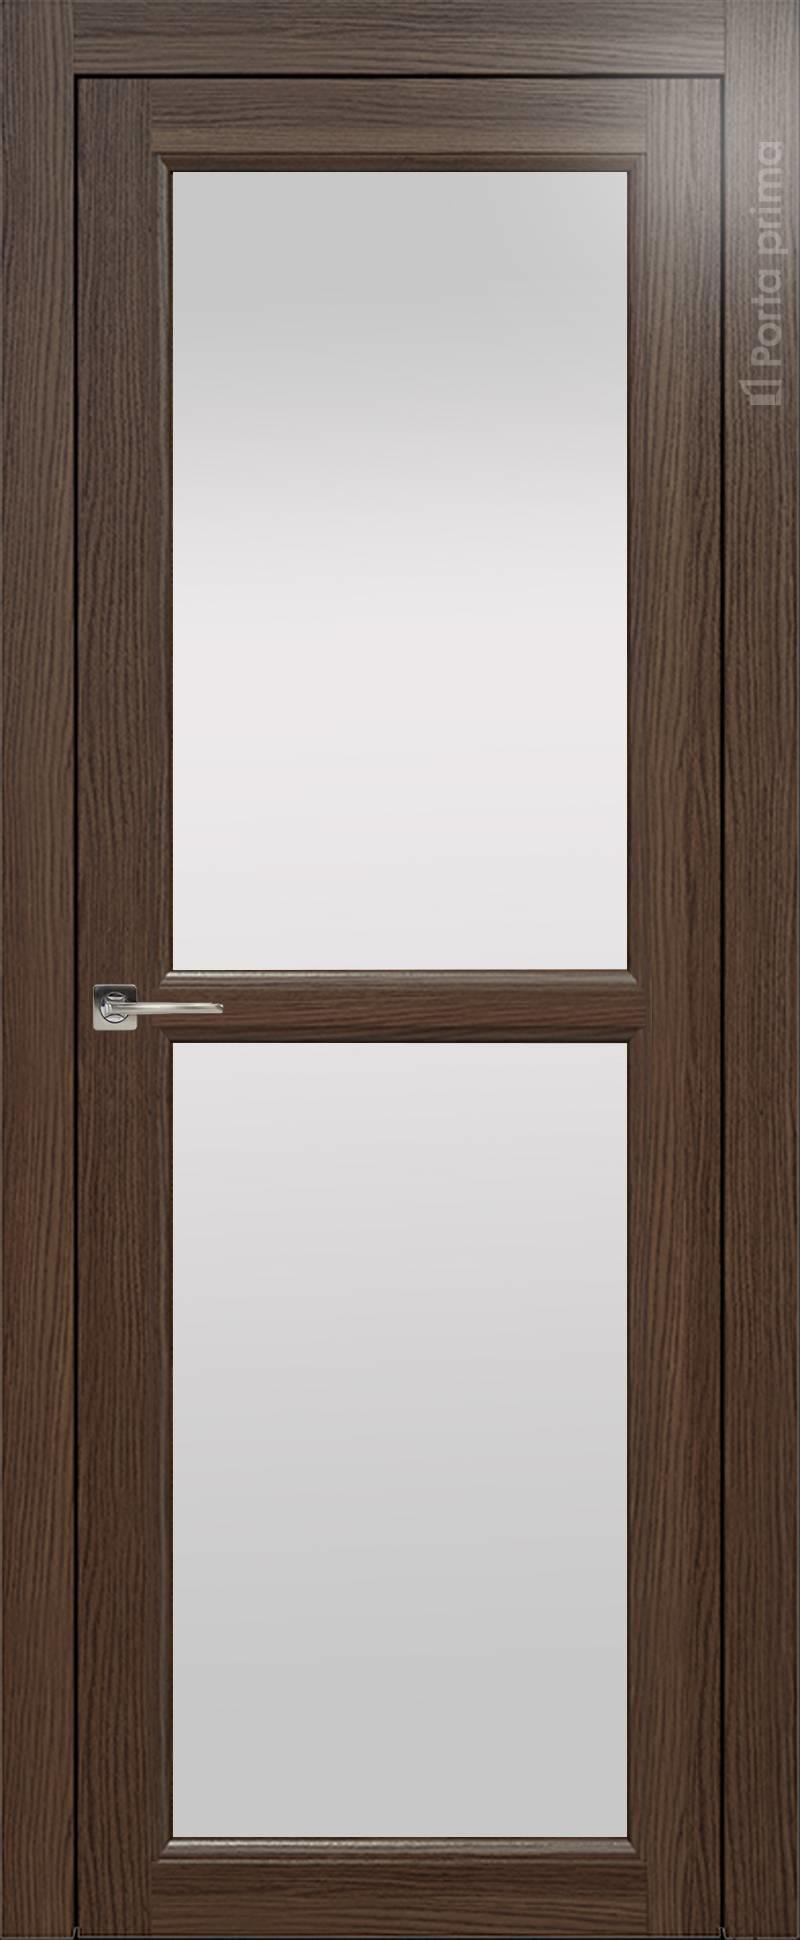 Sorrento-R В1 цвет - Дуб торонто Со стеклом (ДО)